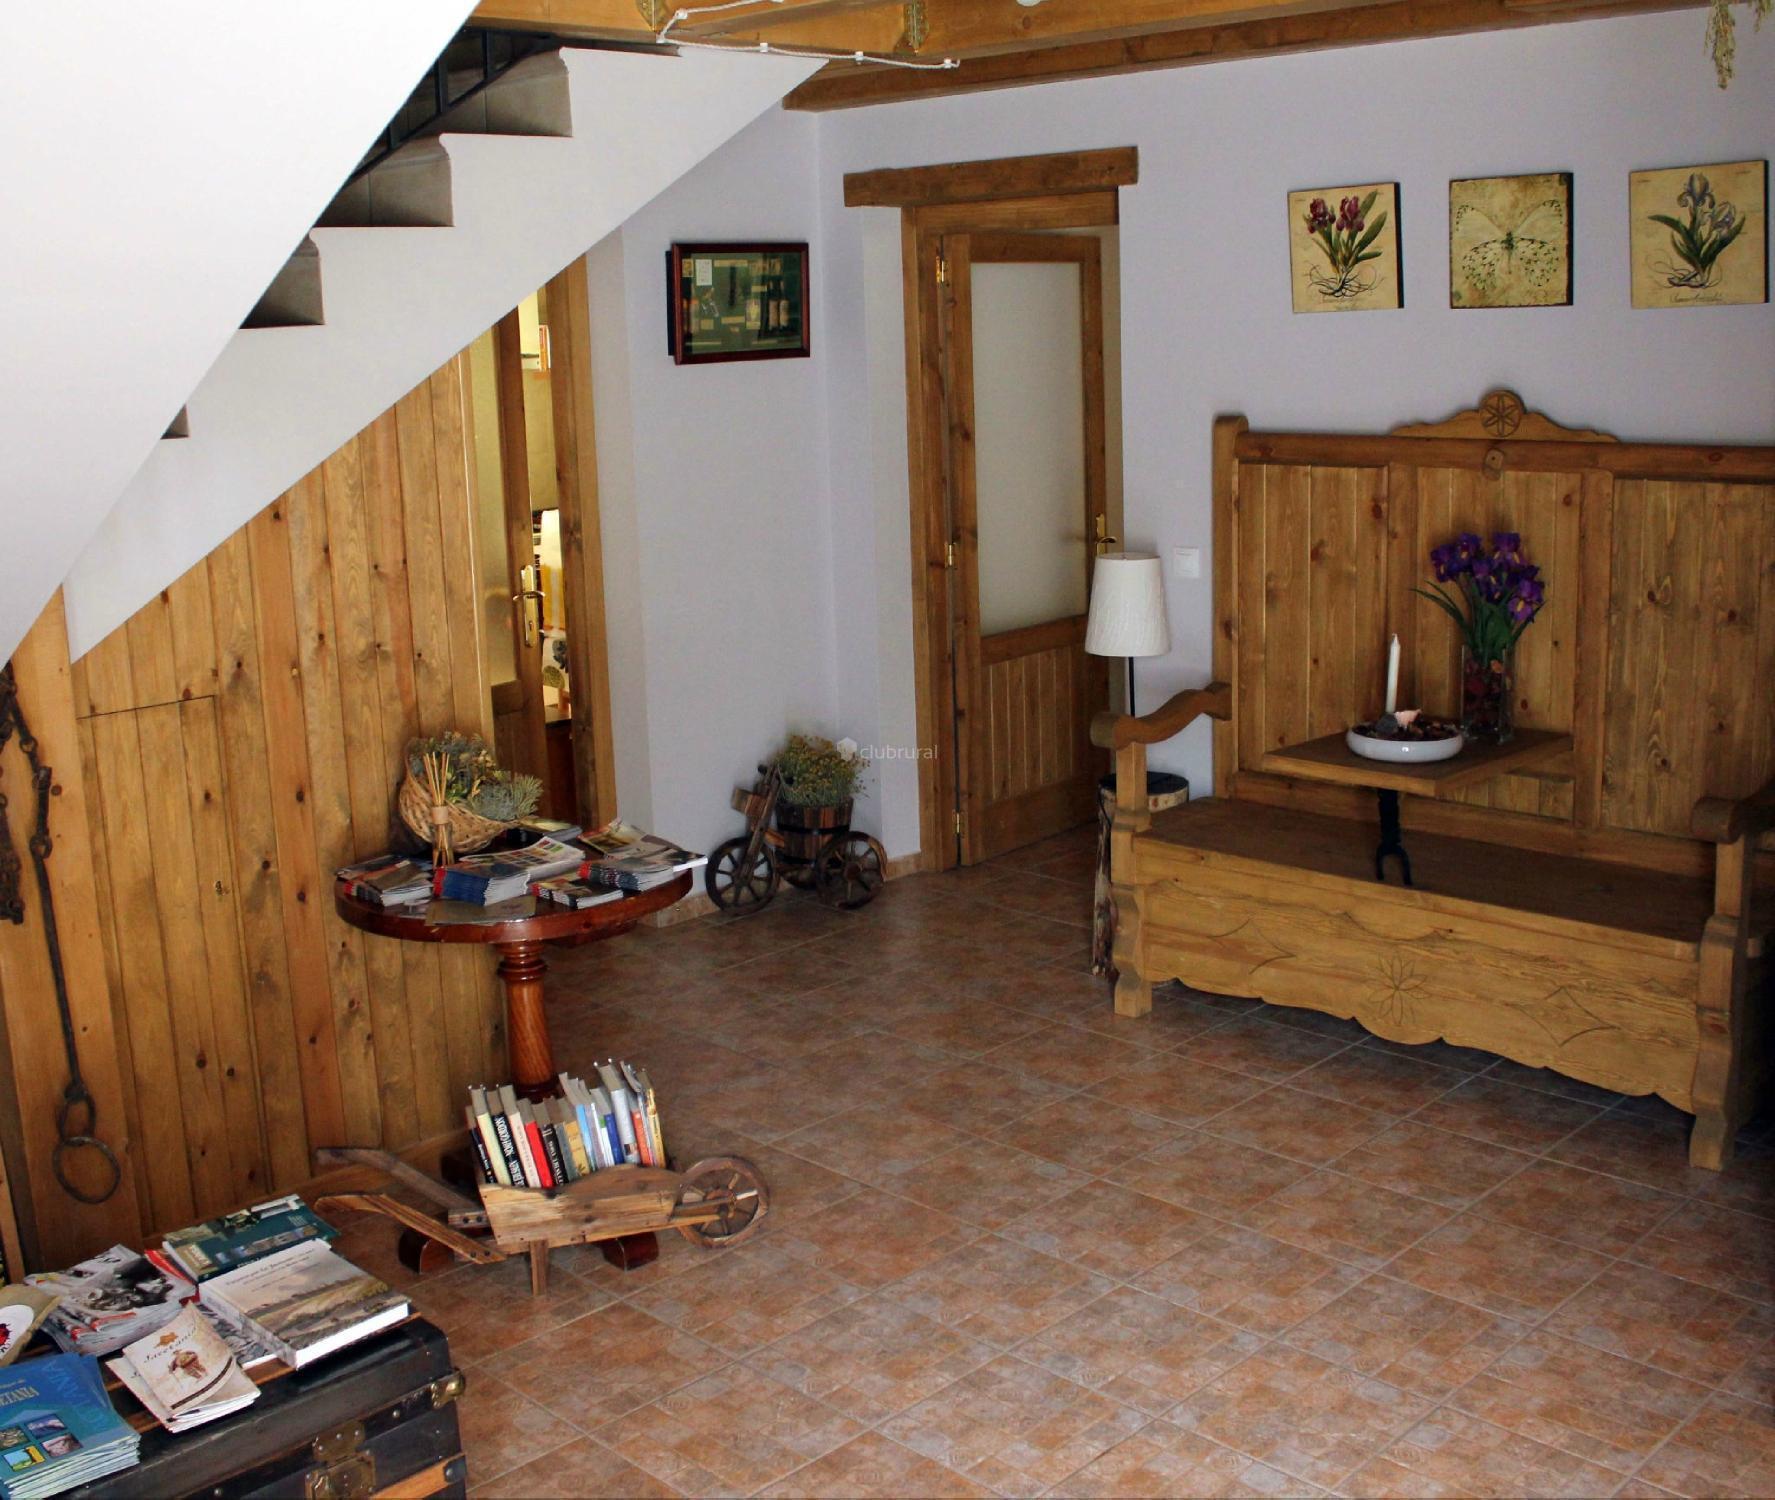 Fotos de casa rural porta a huesca aragu s del solano clubrural - Casa rural huesca jacuzzi ...